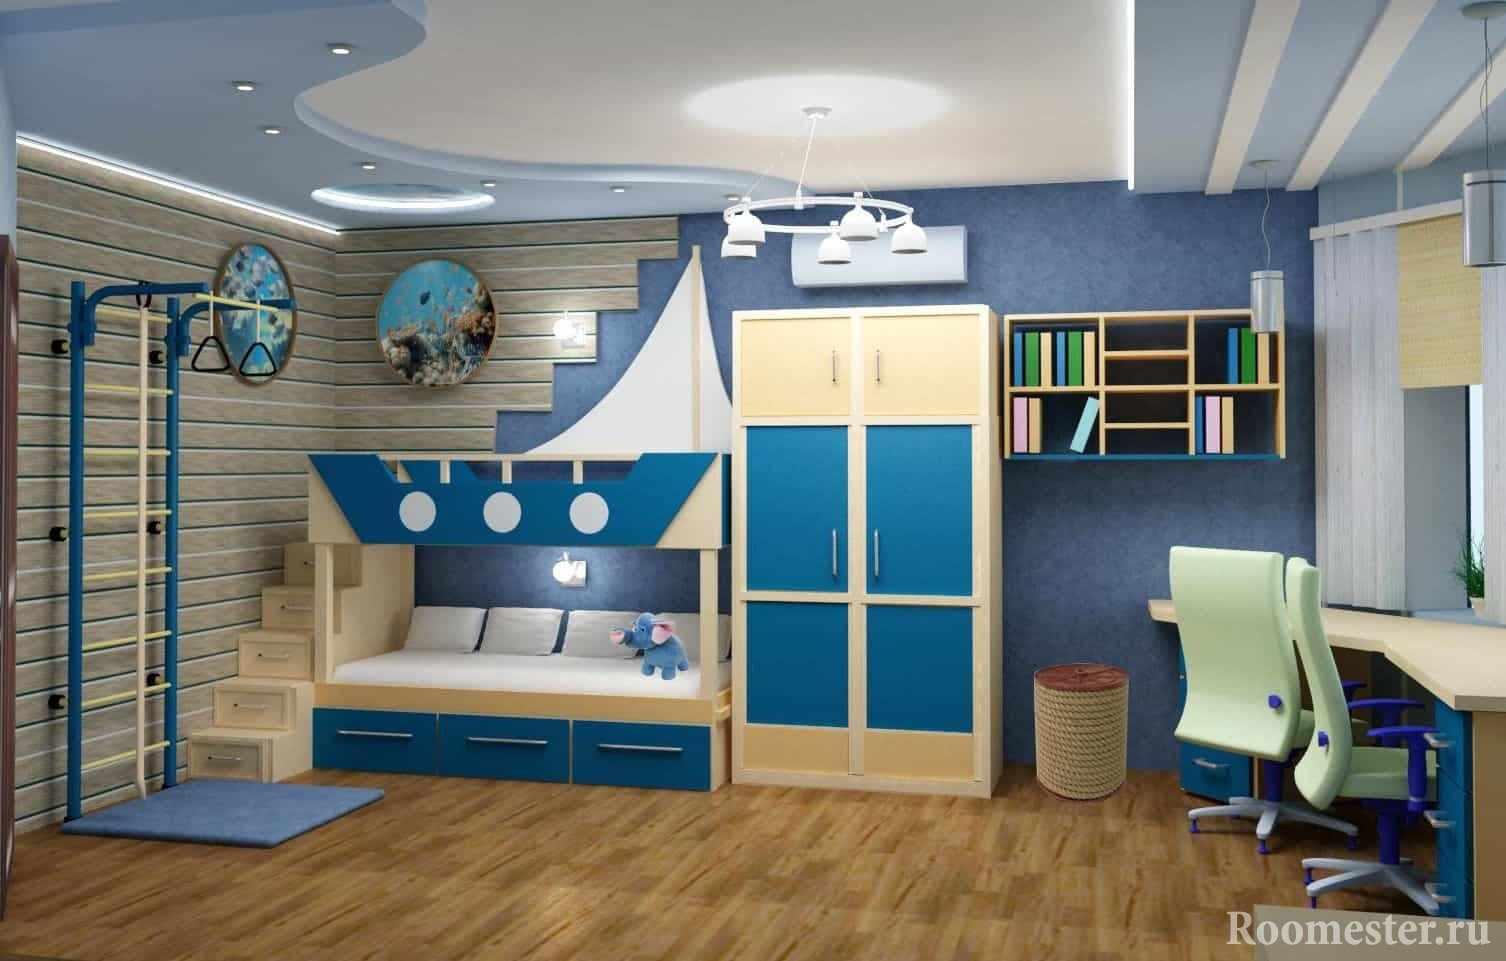 Корабль-кровать